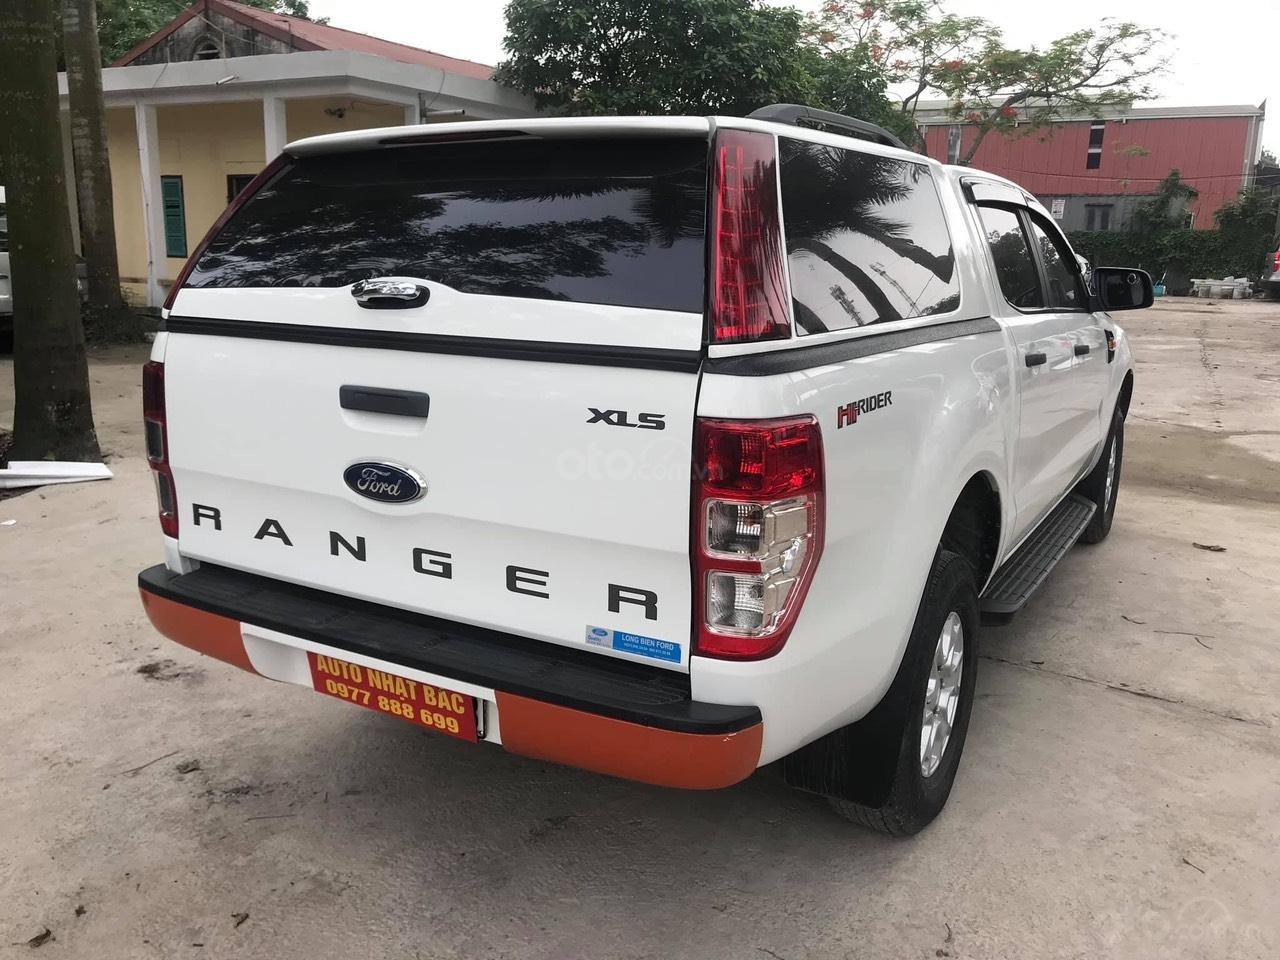 Bán Ford Ranger XLS đời 2016, số sàn 1 cầu, máy dầu 2.2, nhập khẩu nguyên chiếc Thái Lan-4